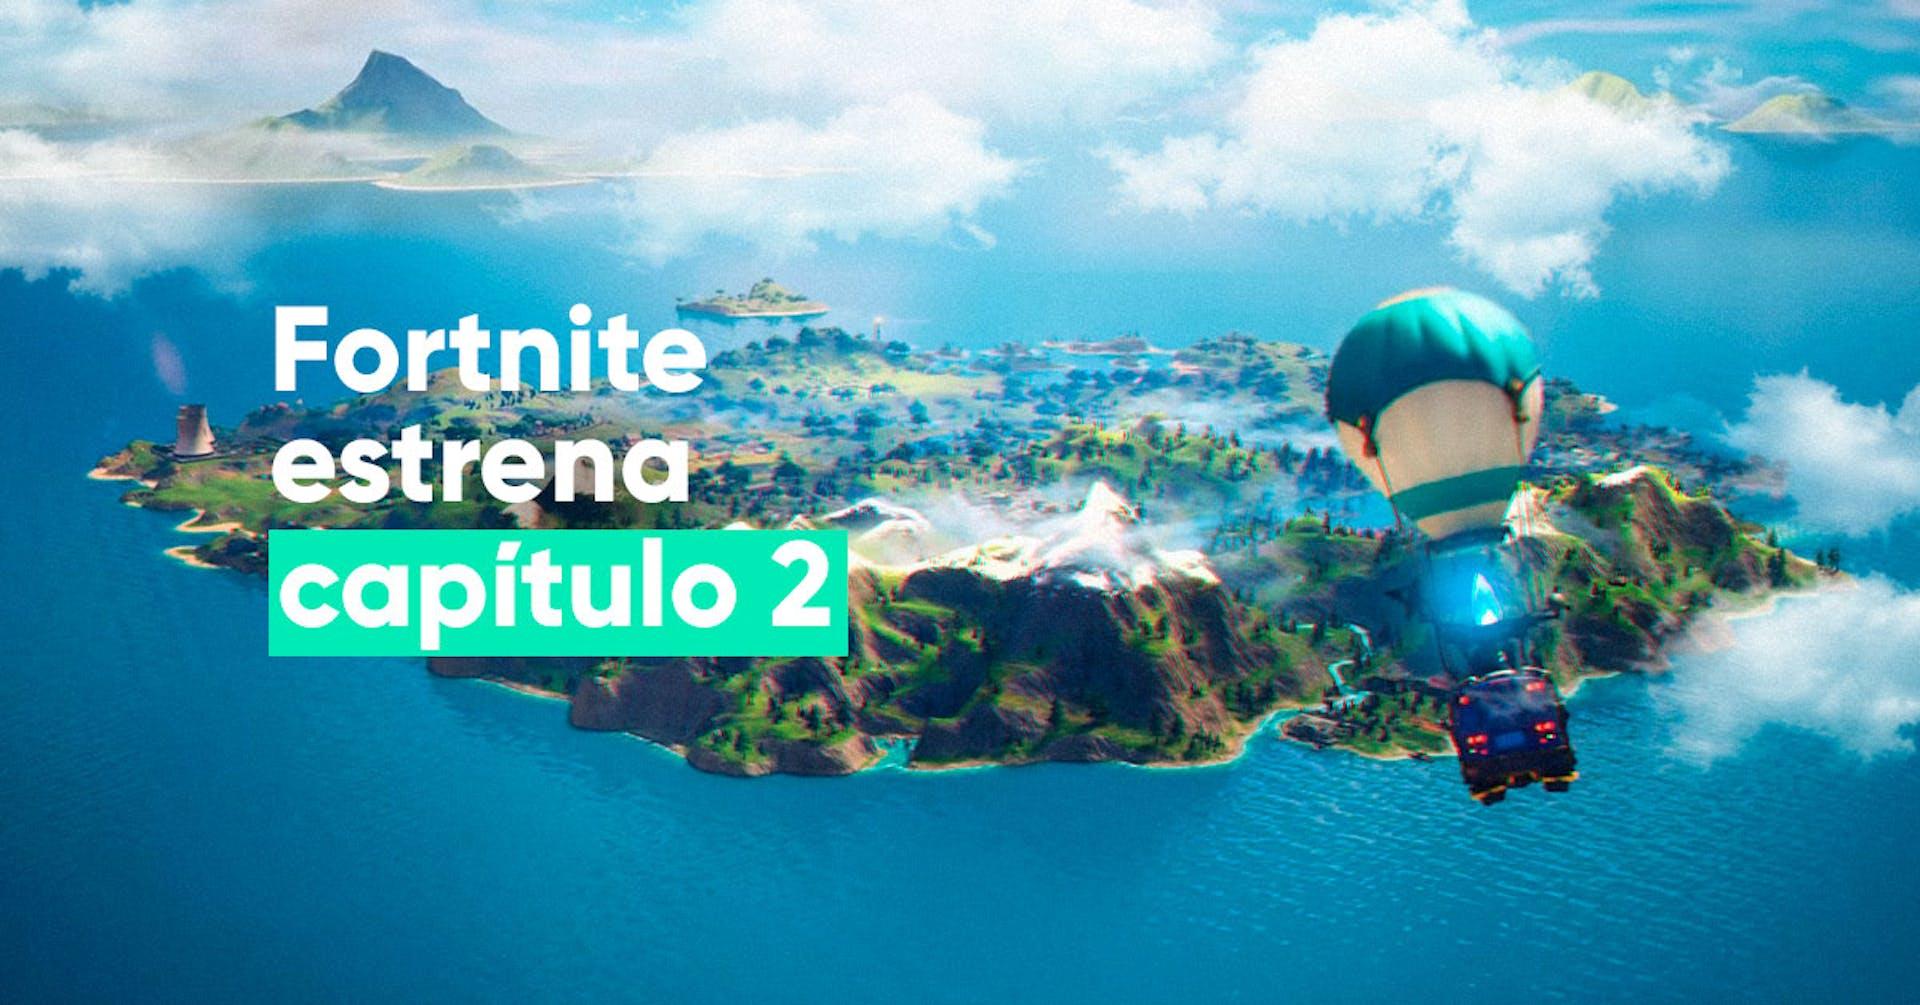 Fortnite estrena Capítulo 2 y nuevo mundo